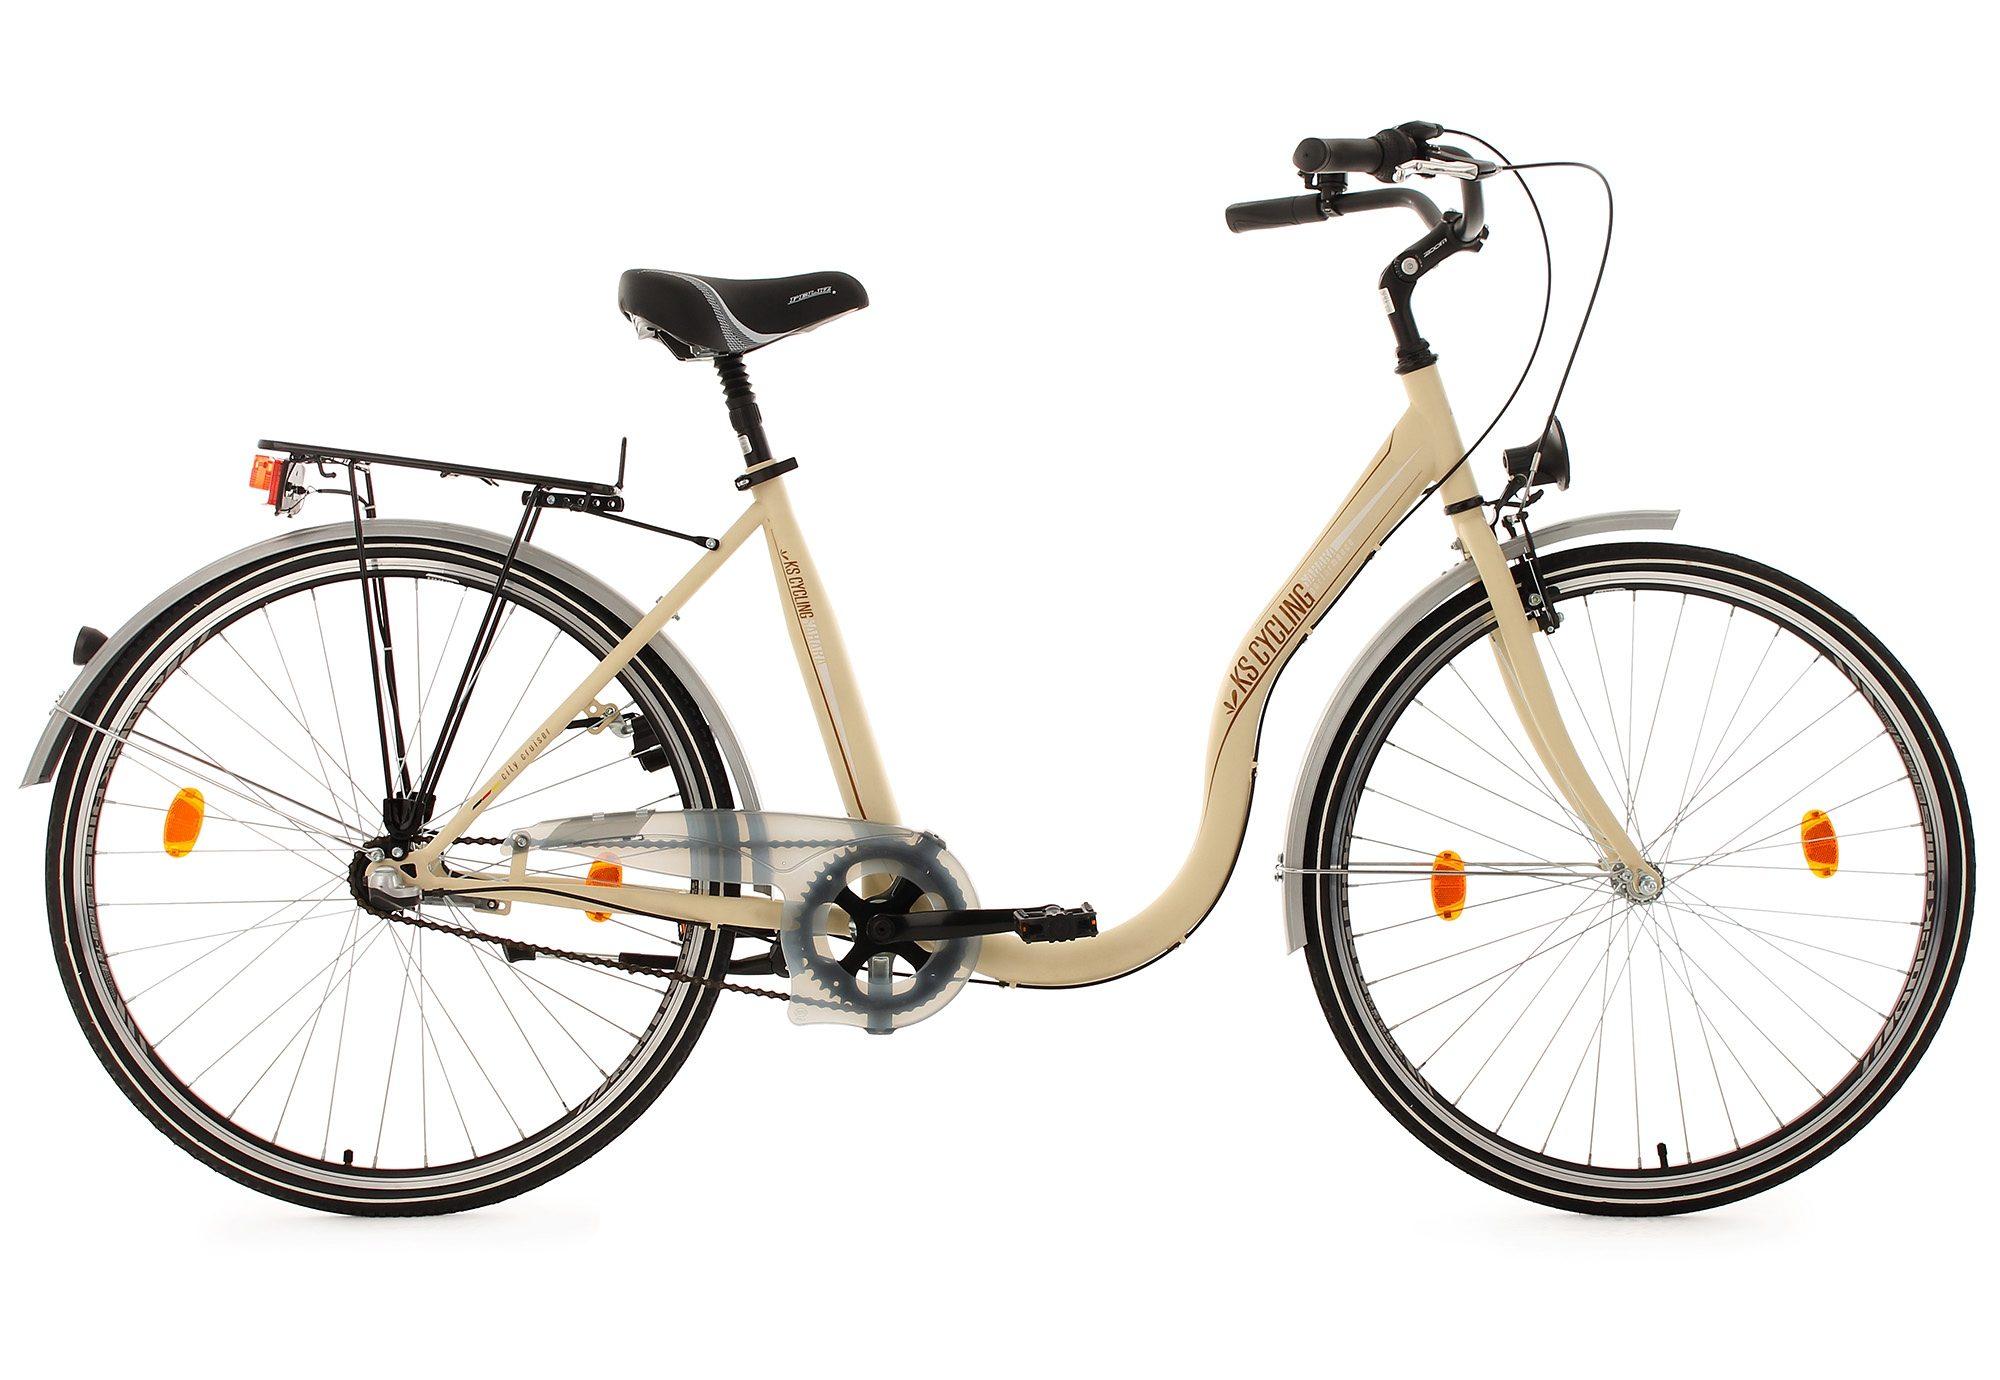 KS Cycling City Damenfahrrad, Tiefeinsteiger, 28 Zoll, beigefarben, 3 Gang Nabenschaltung, »Sahara«